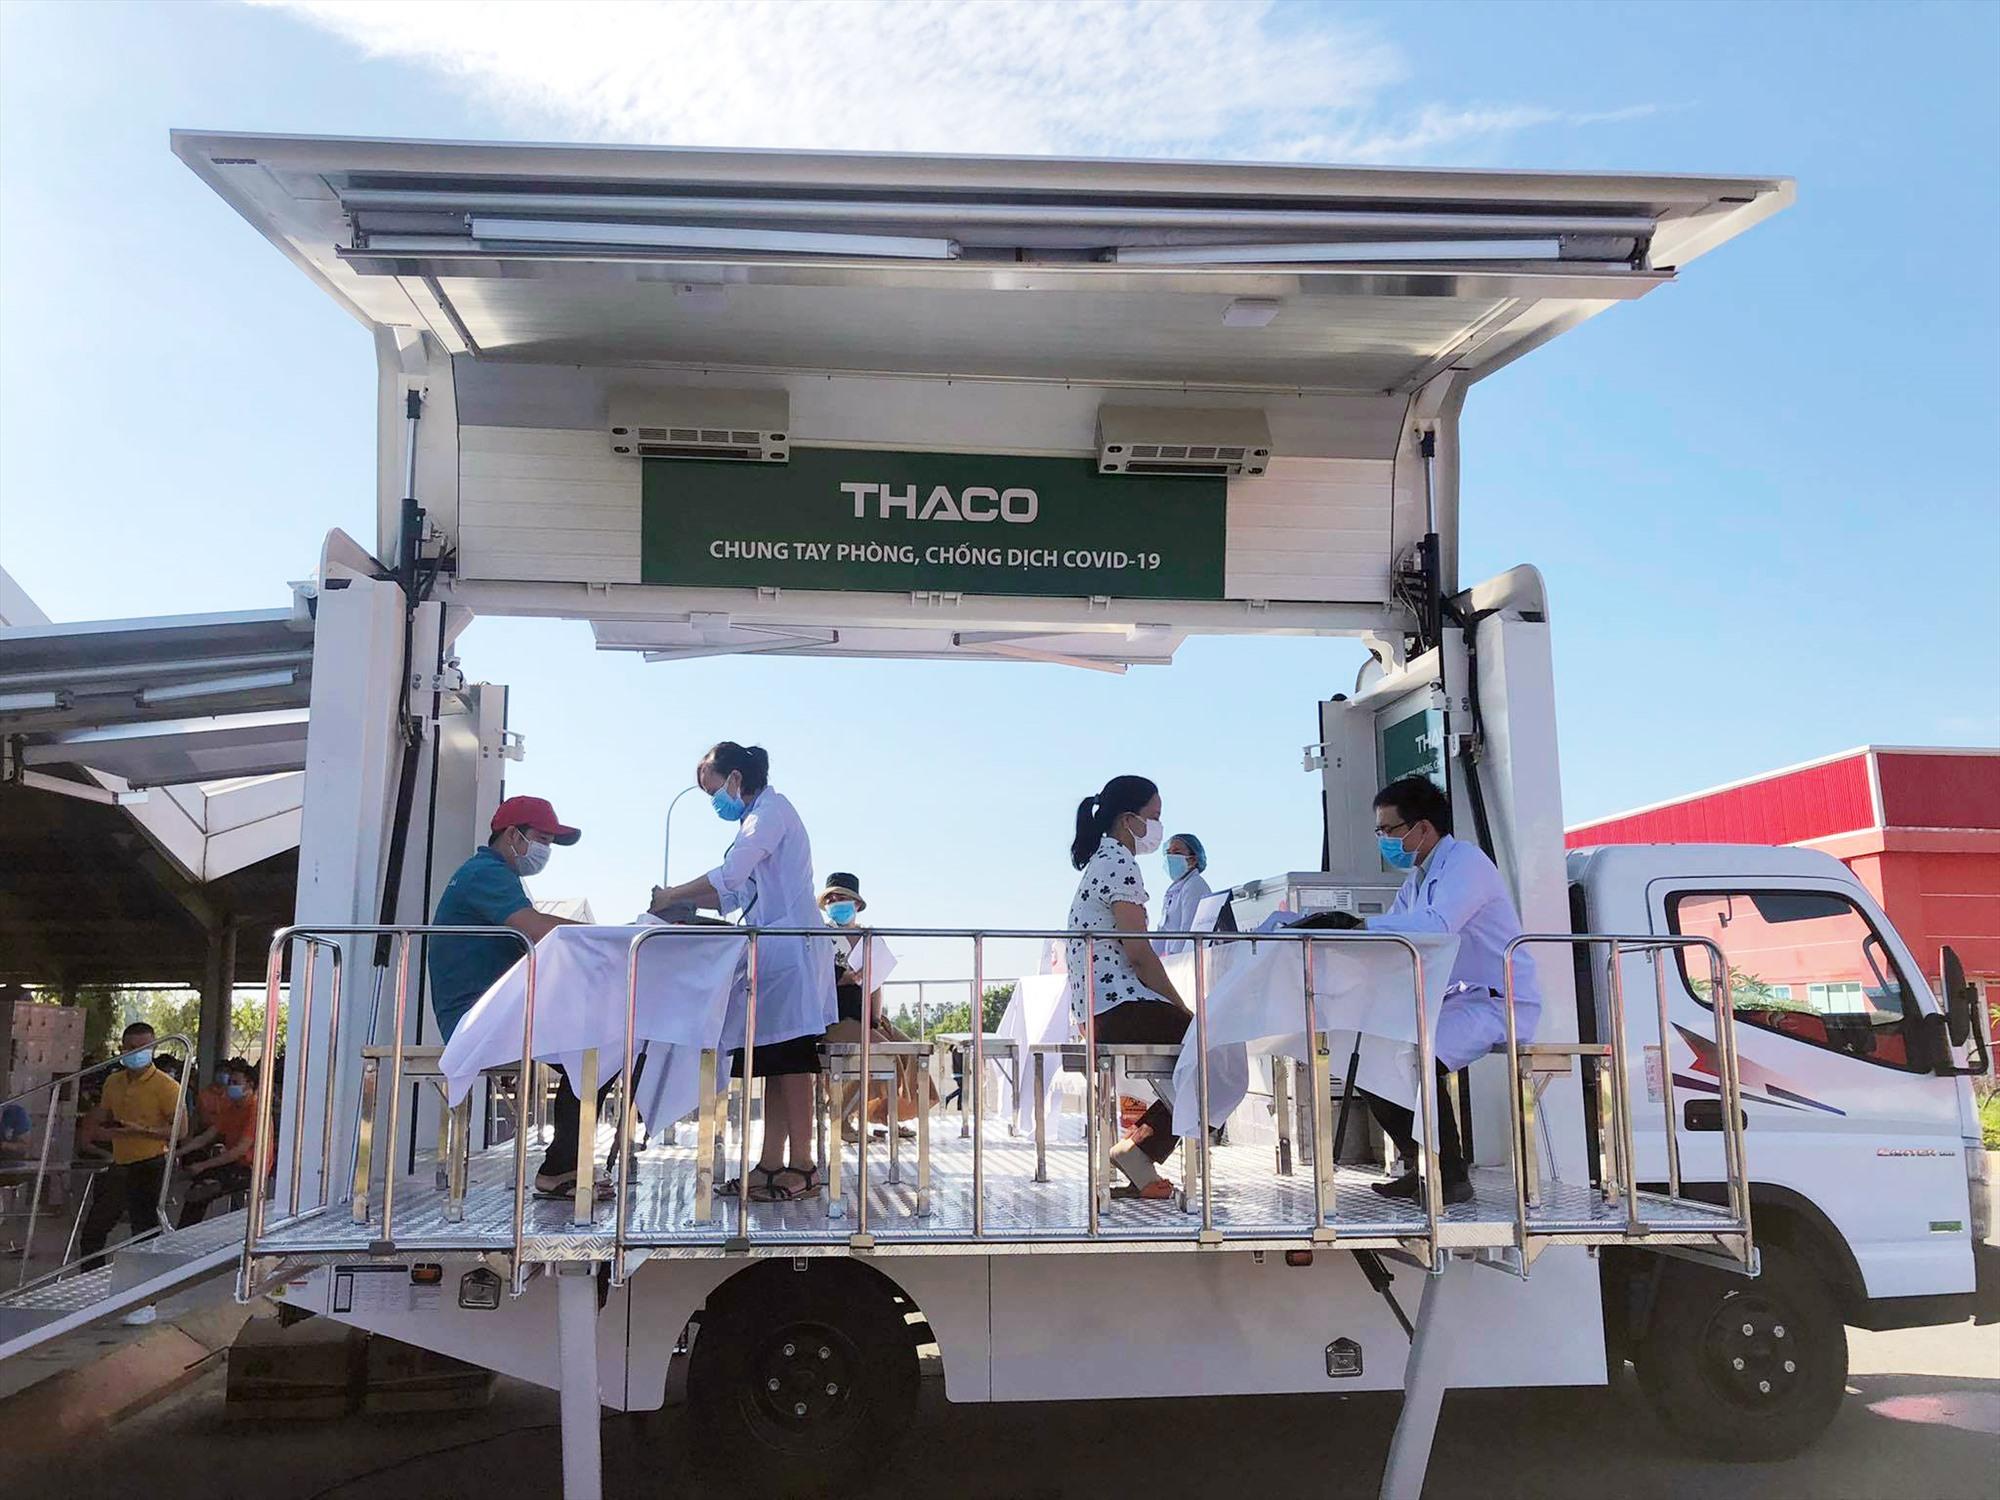 Hơn 500 người lao động tại Khu Công nghiệp Tam Hiệp được tiêm vắc xin sáng 23.8. Ảnh: X.H